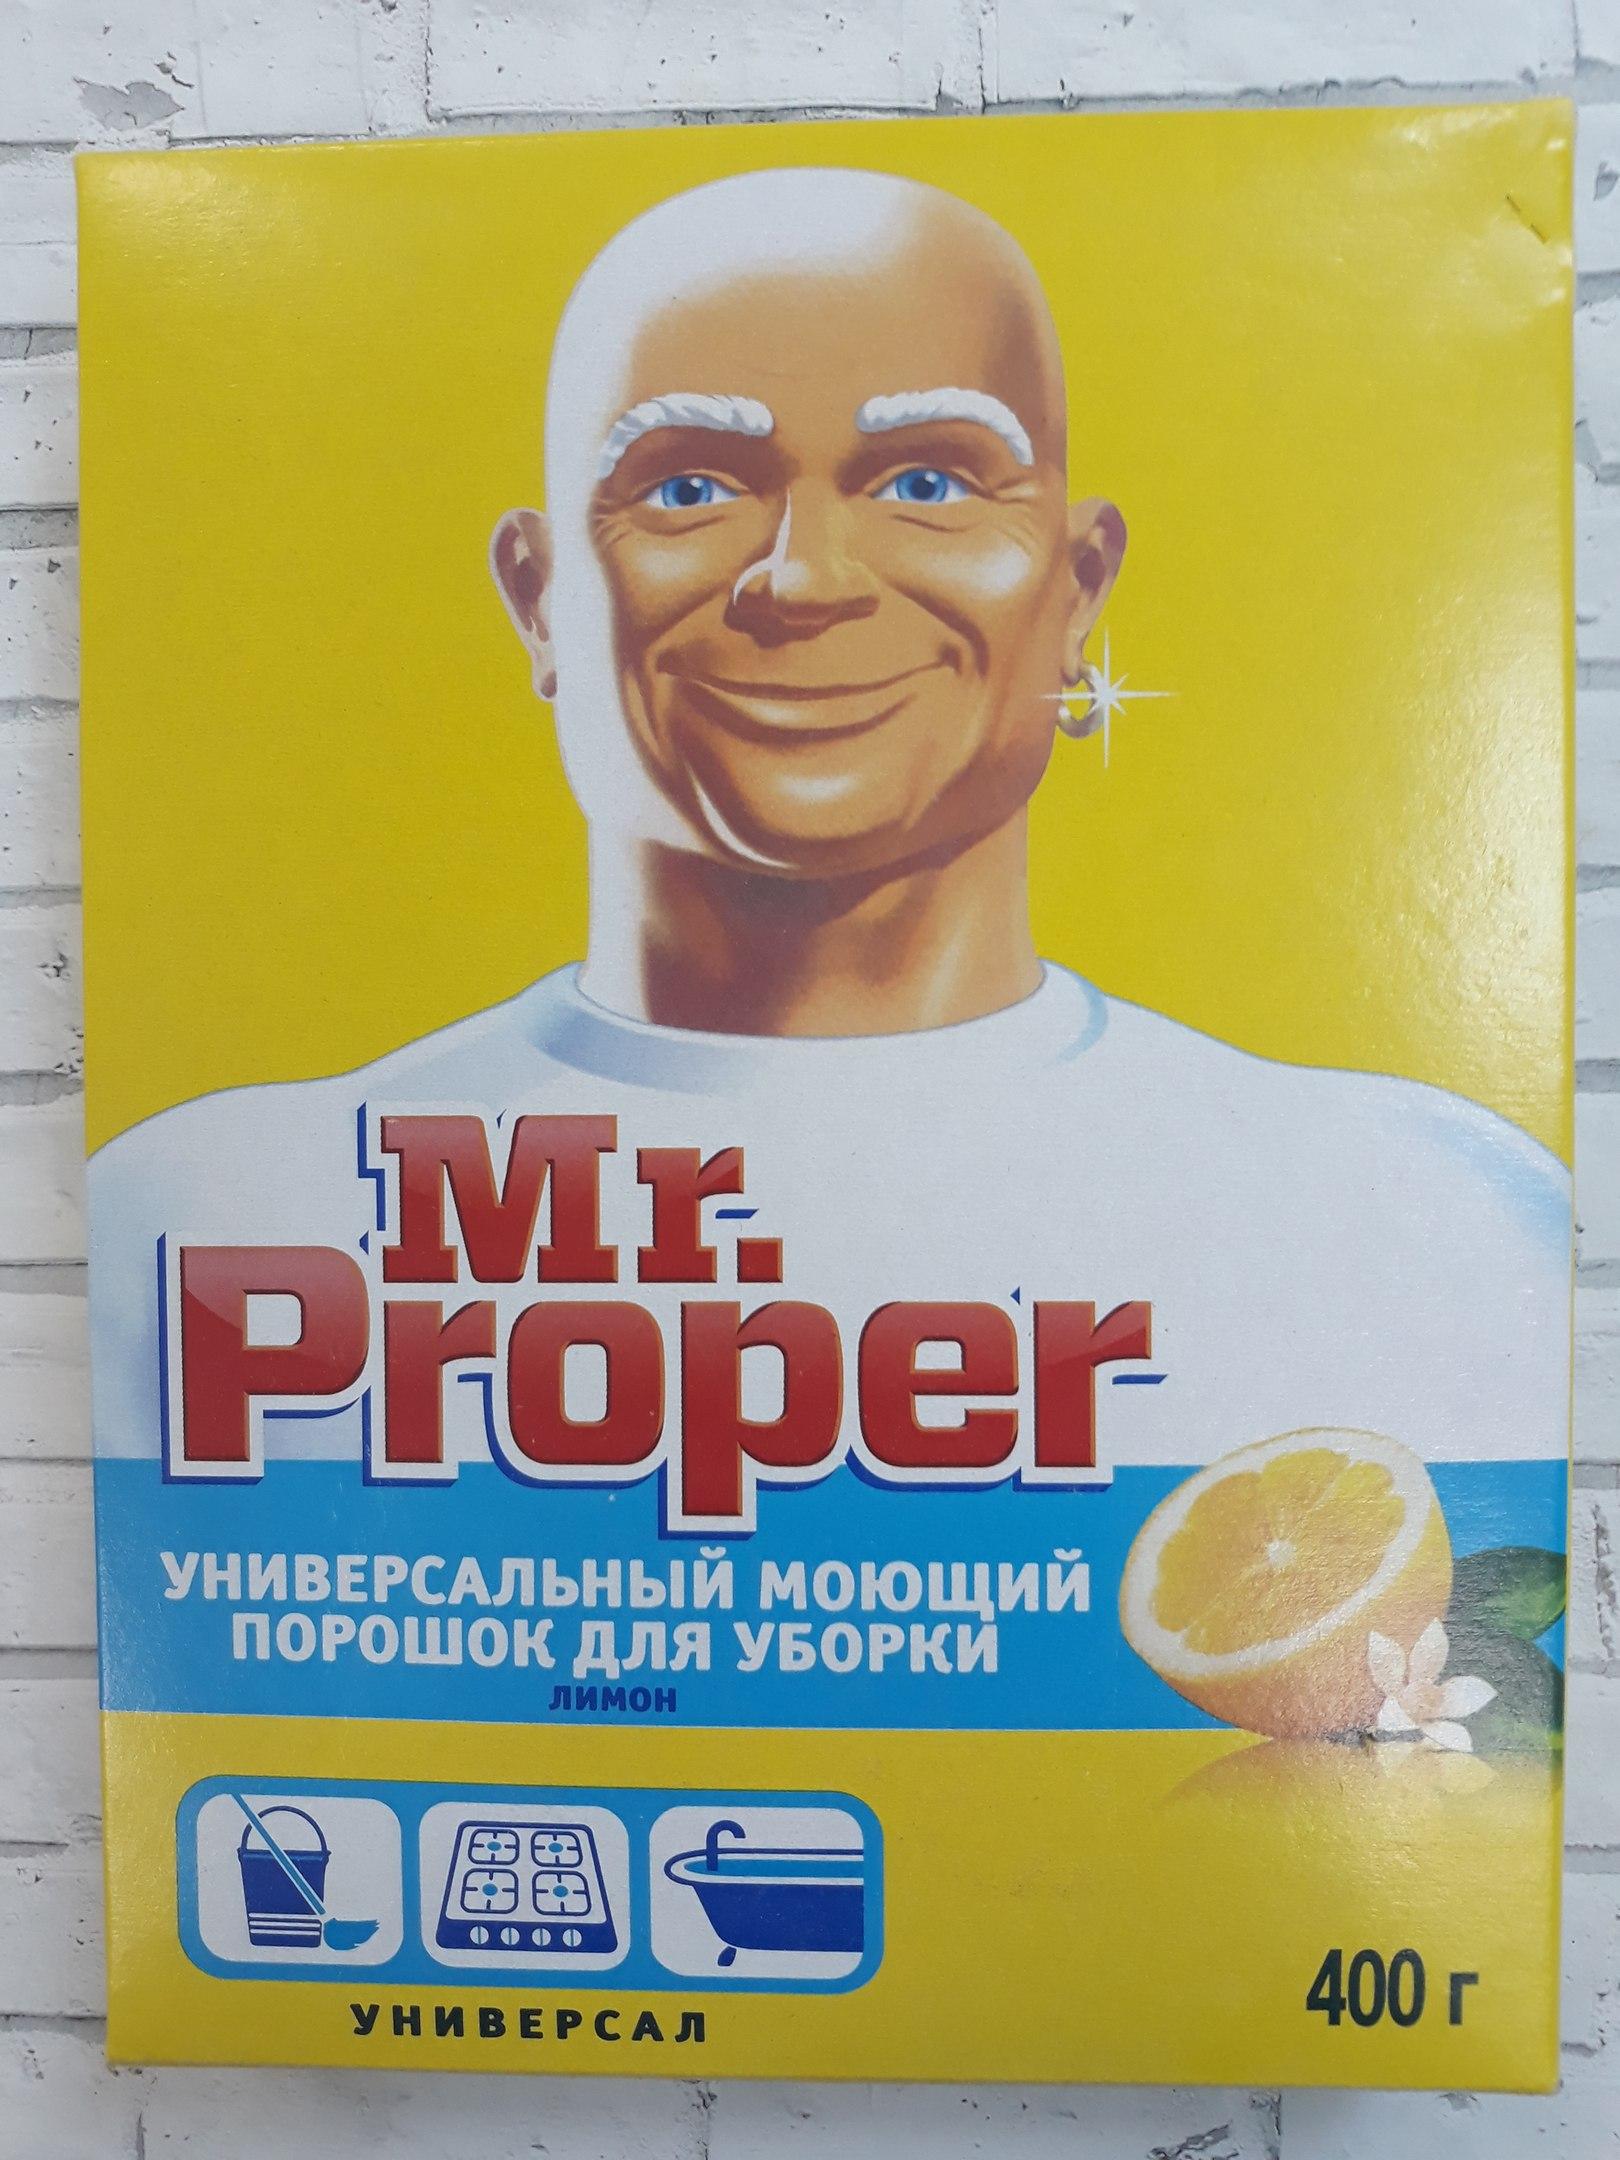 Мистер Проппер универсальный моющий порошок